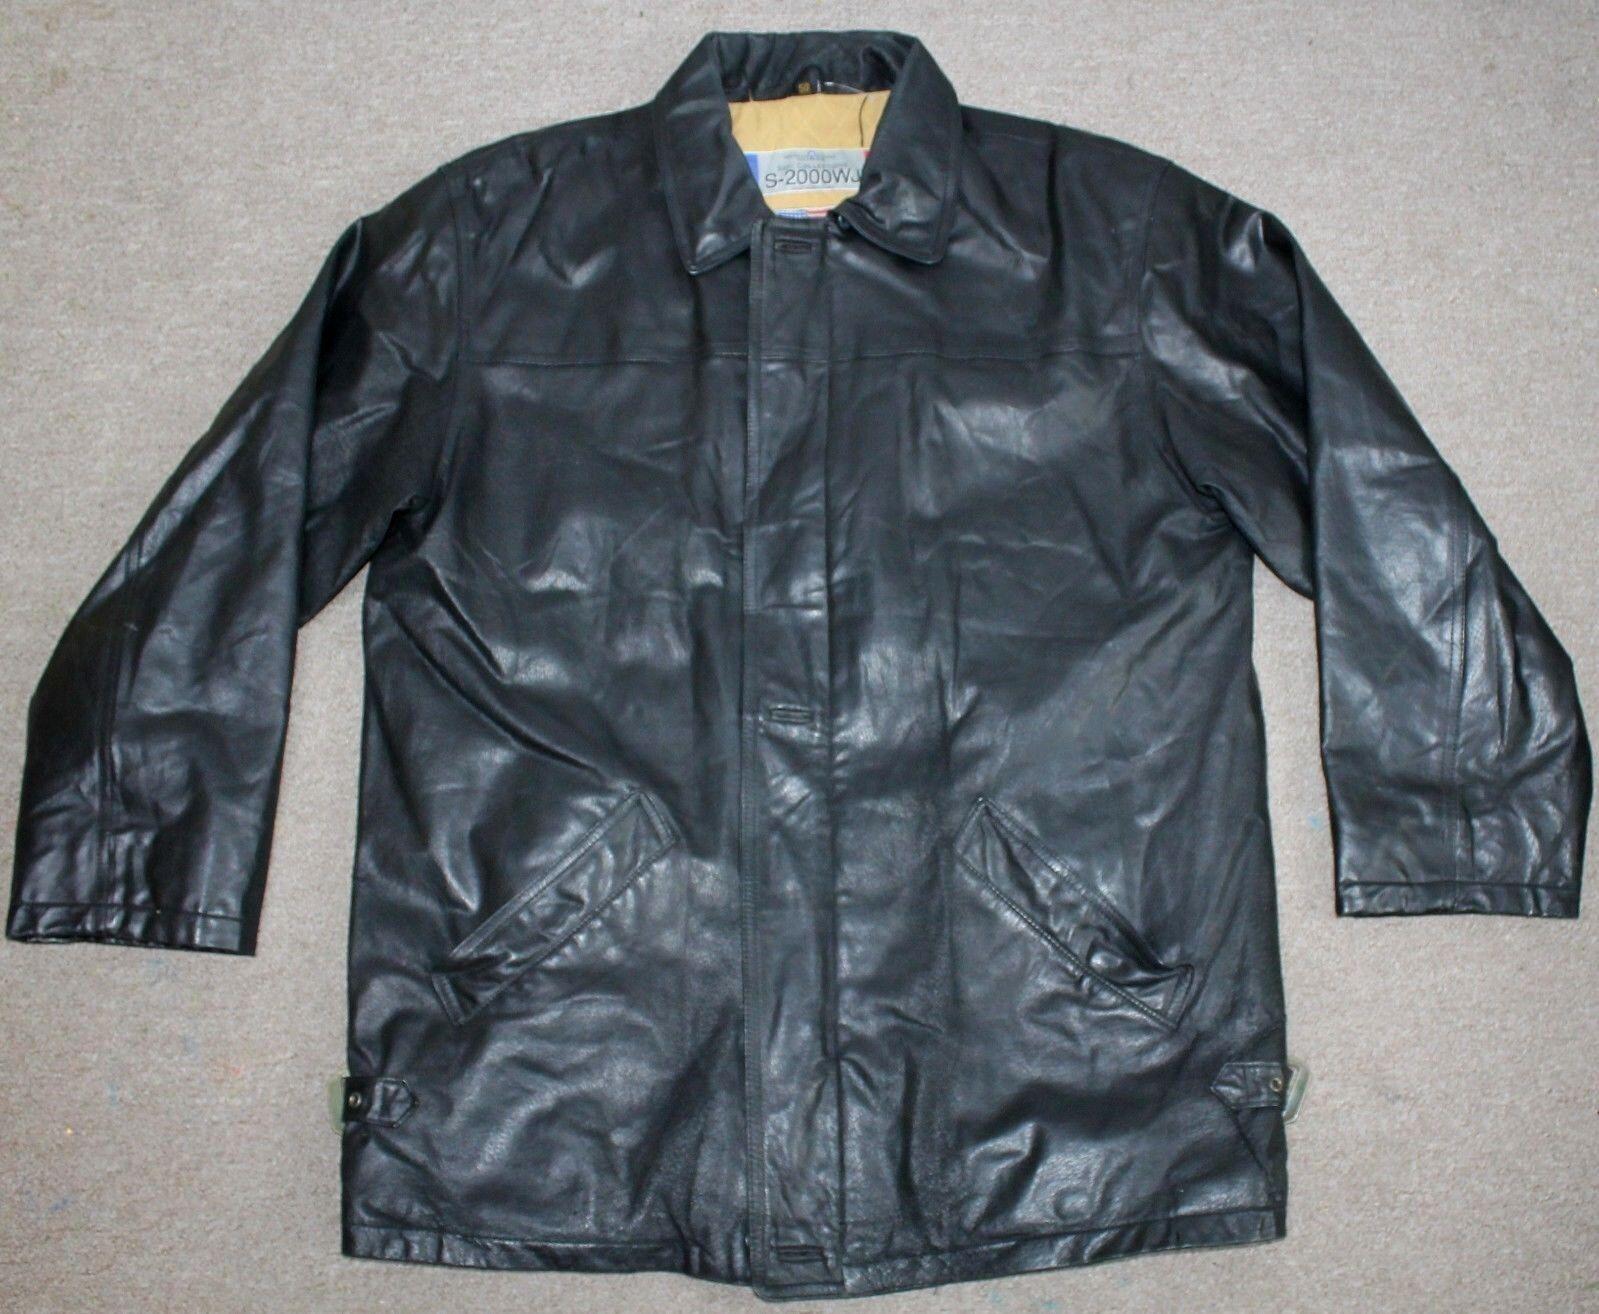 SAKI COLLECTION 2000 Sweden Men's Leather Bikers Jacket   Größe 50 Large